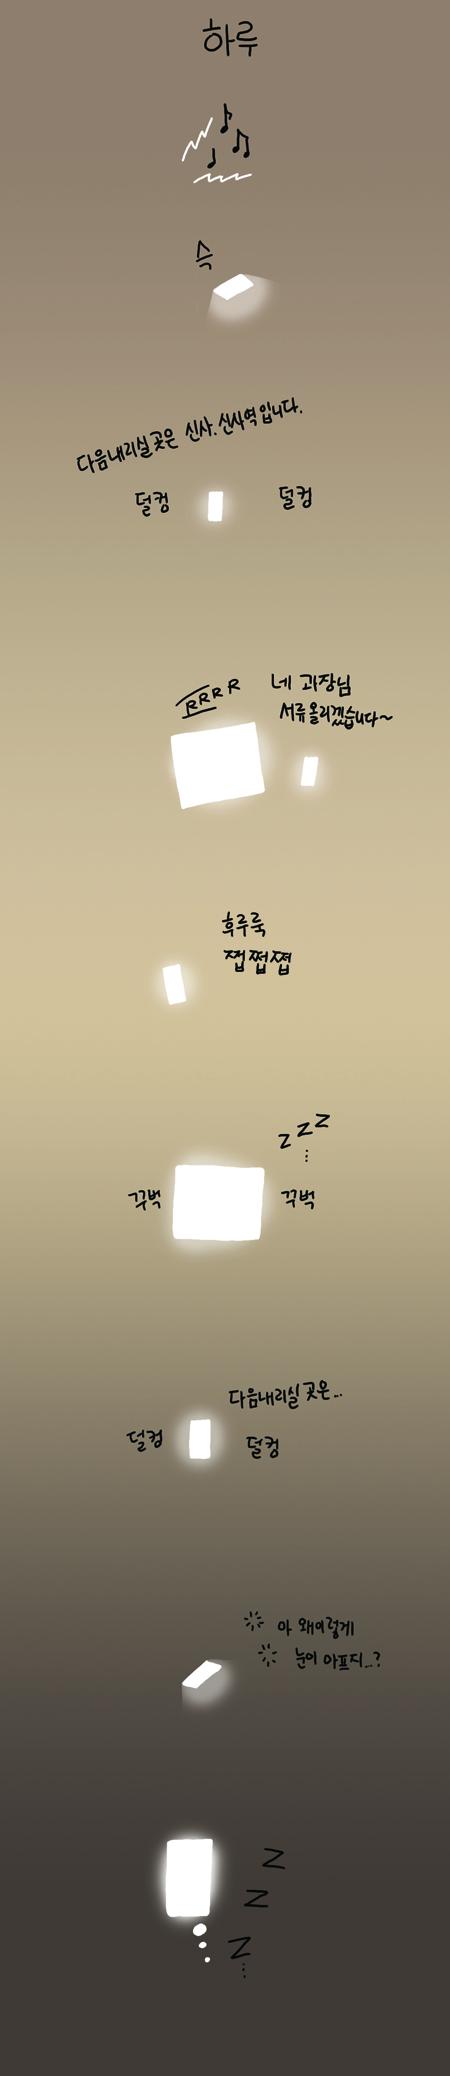 z2012-09-17.jpg